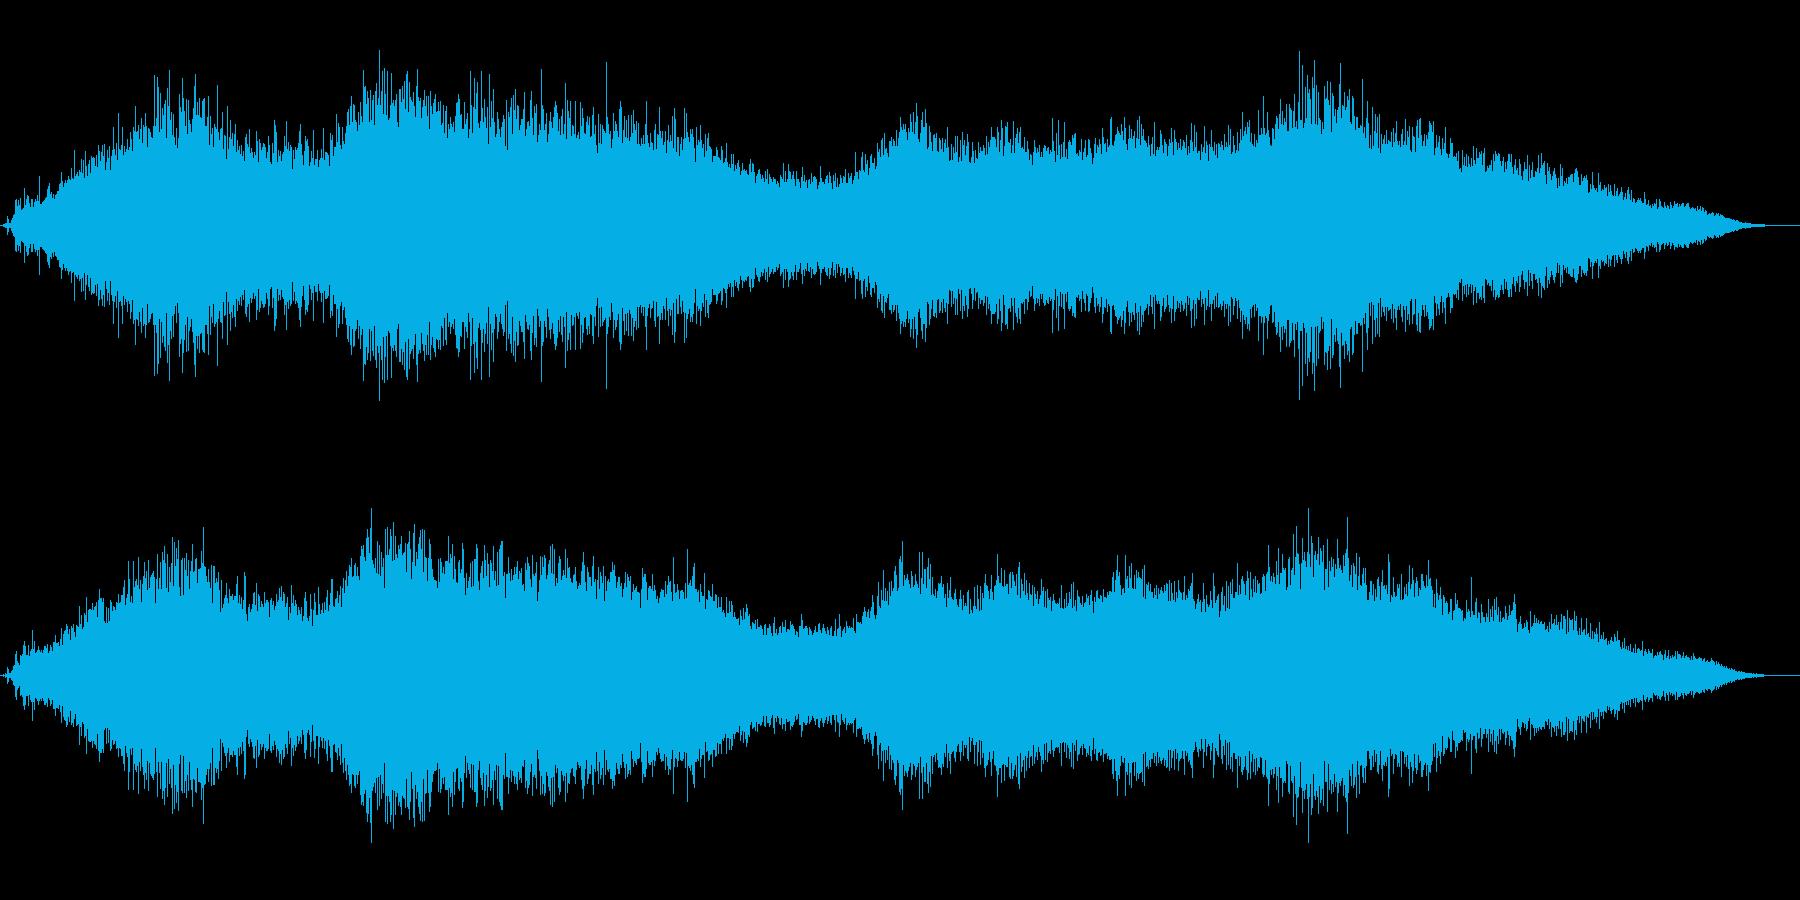 流氷と風音のクリスタルかつ神秘的な音風景の再生済みの波形